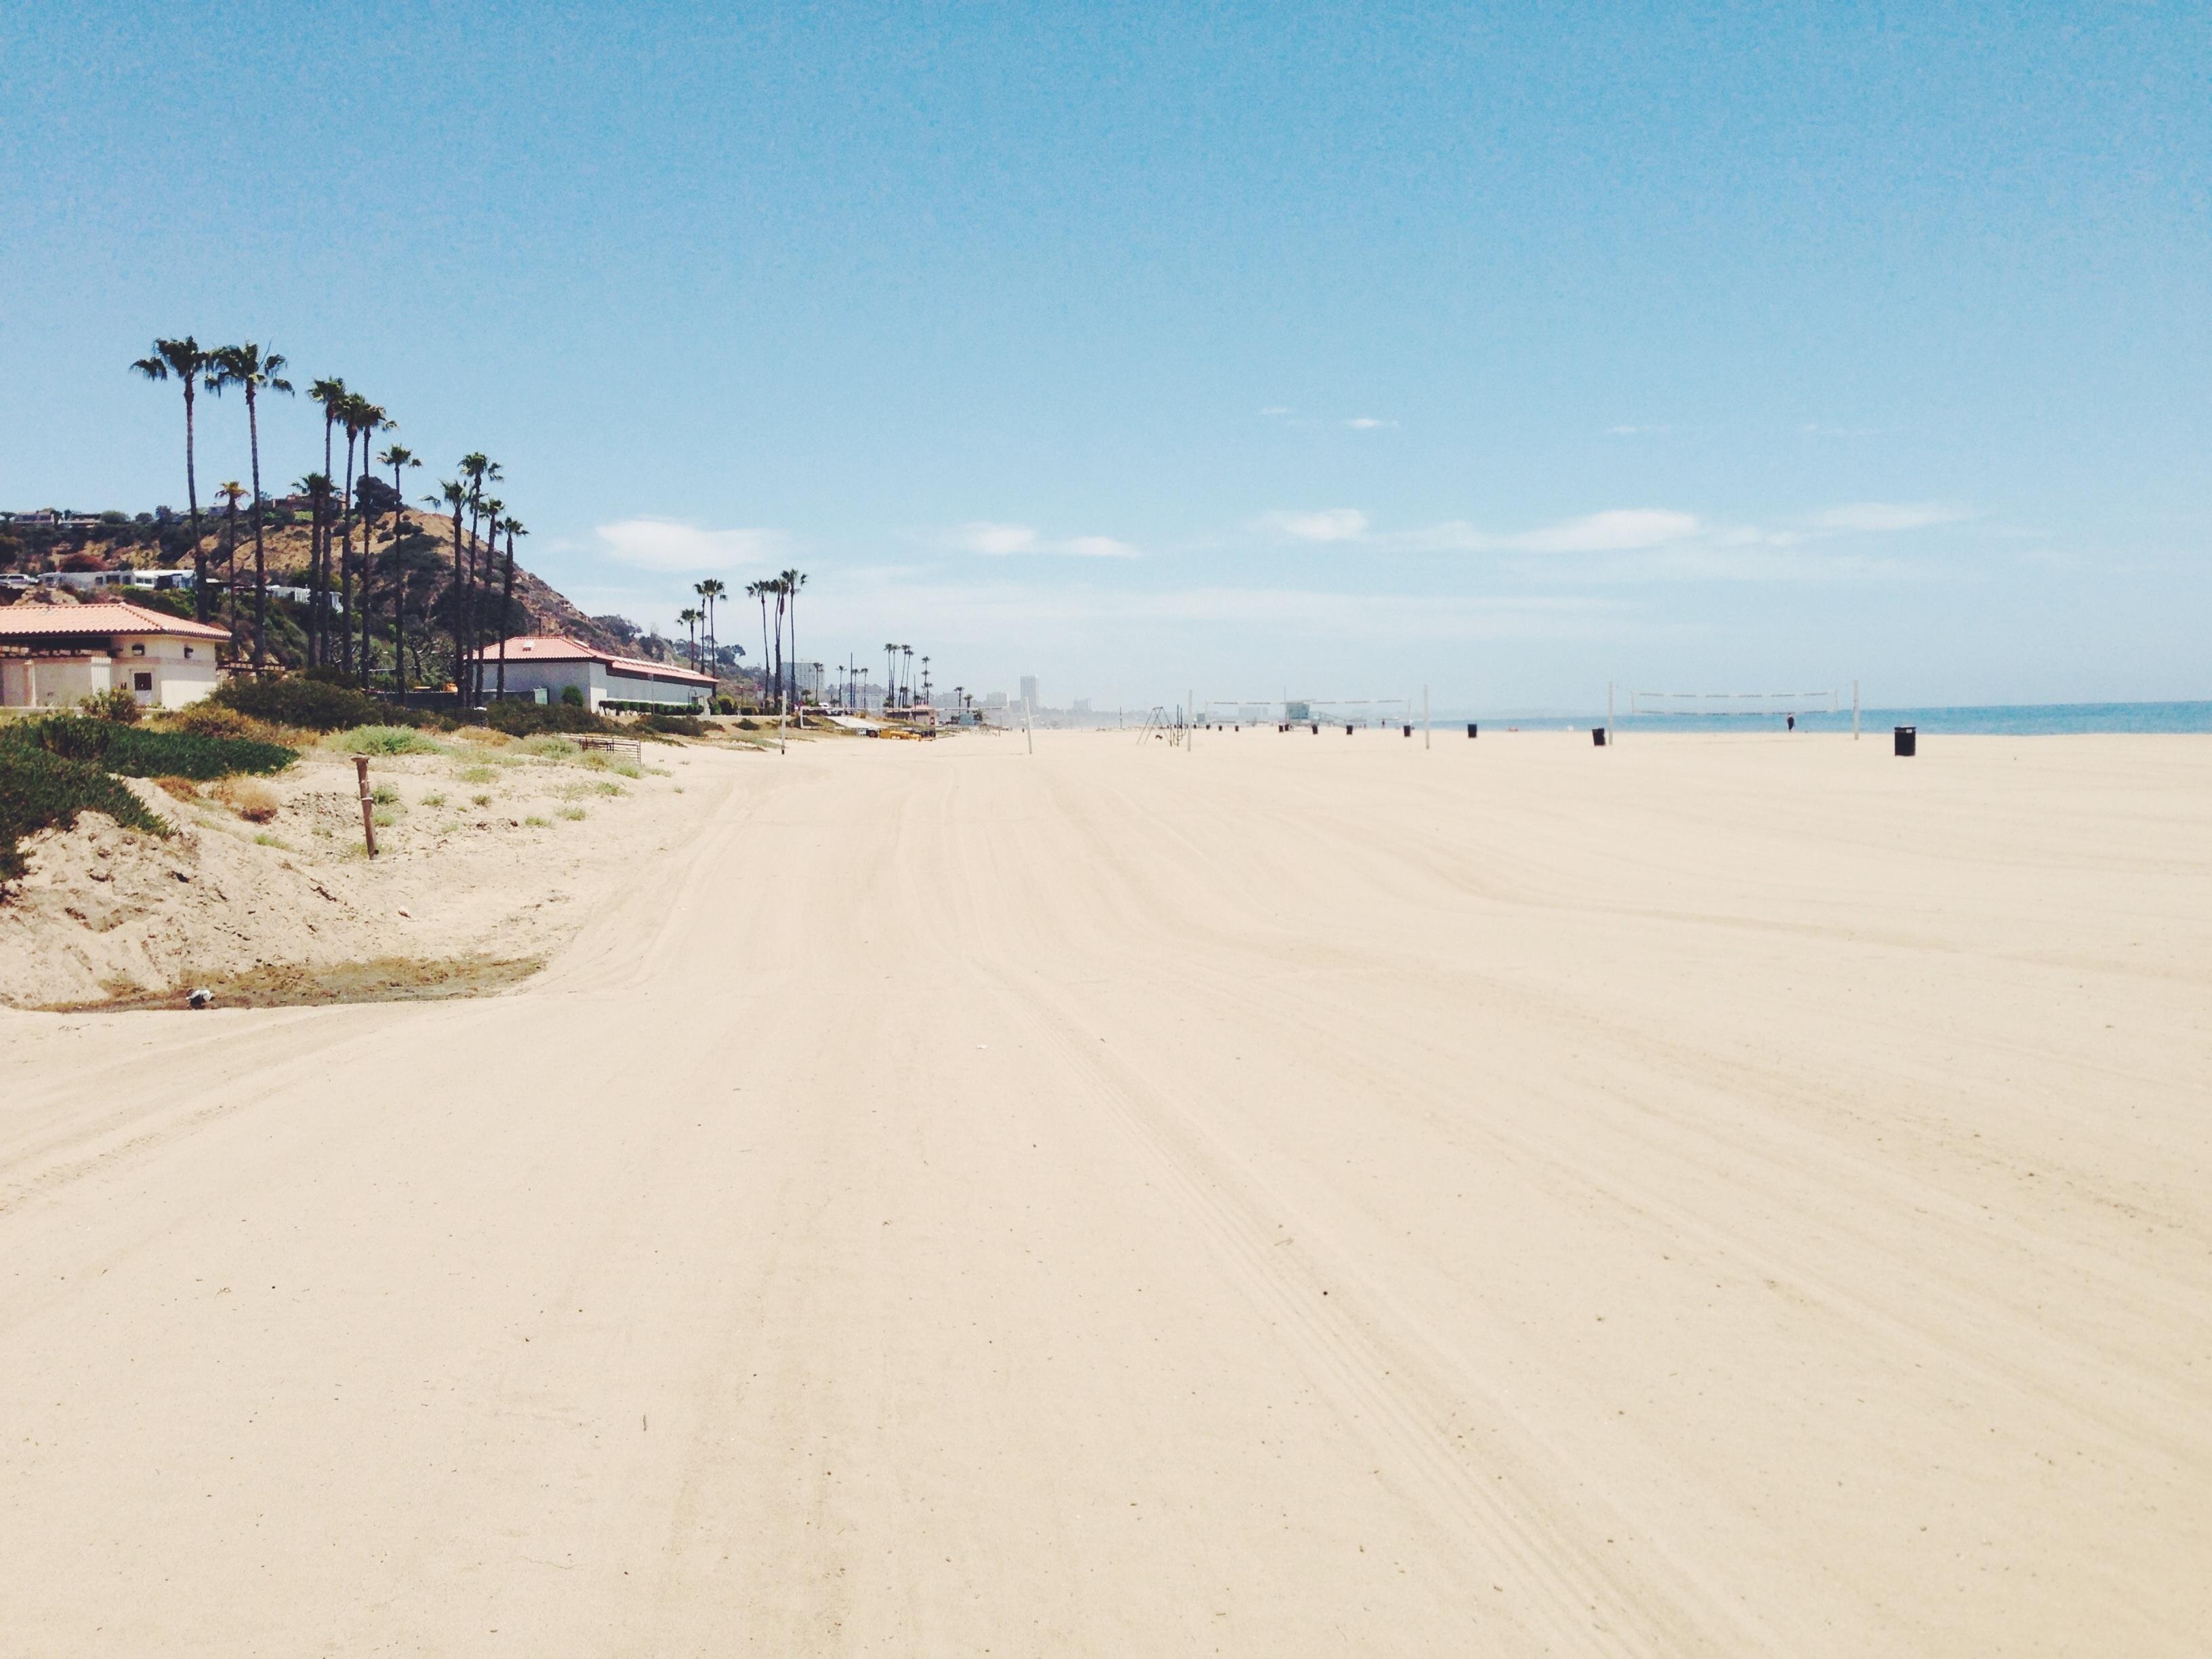 Plain, Beach, Land, Landscape, Plane, HQ Photo